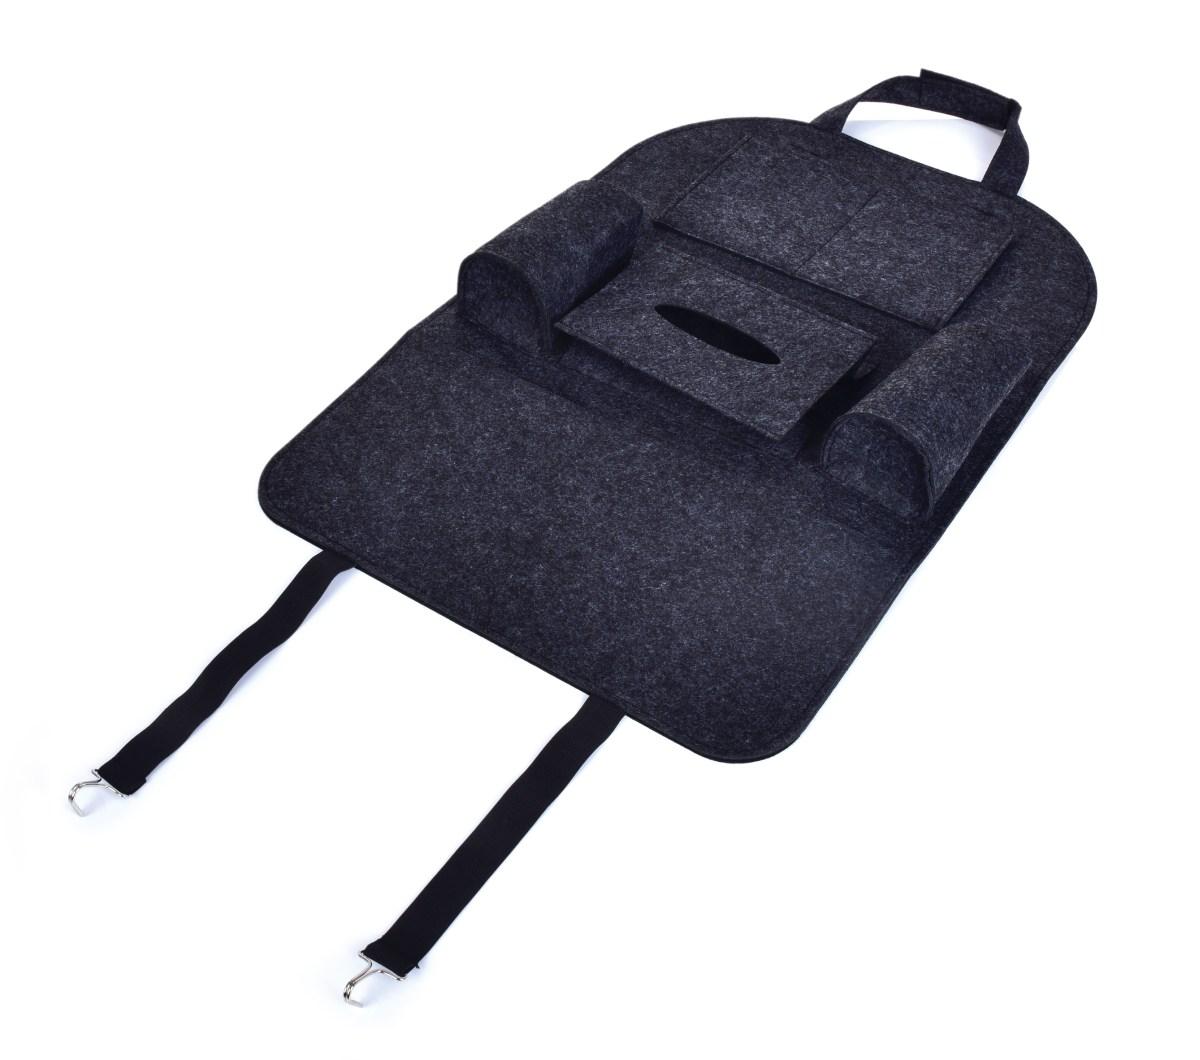 Závěsný filcový kapsář/organizér do auta na přední sedadlo